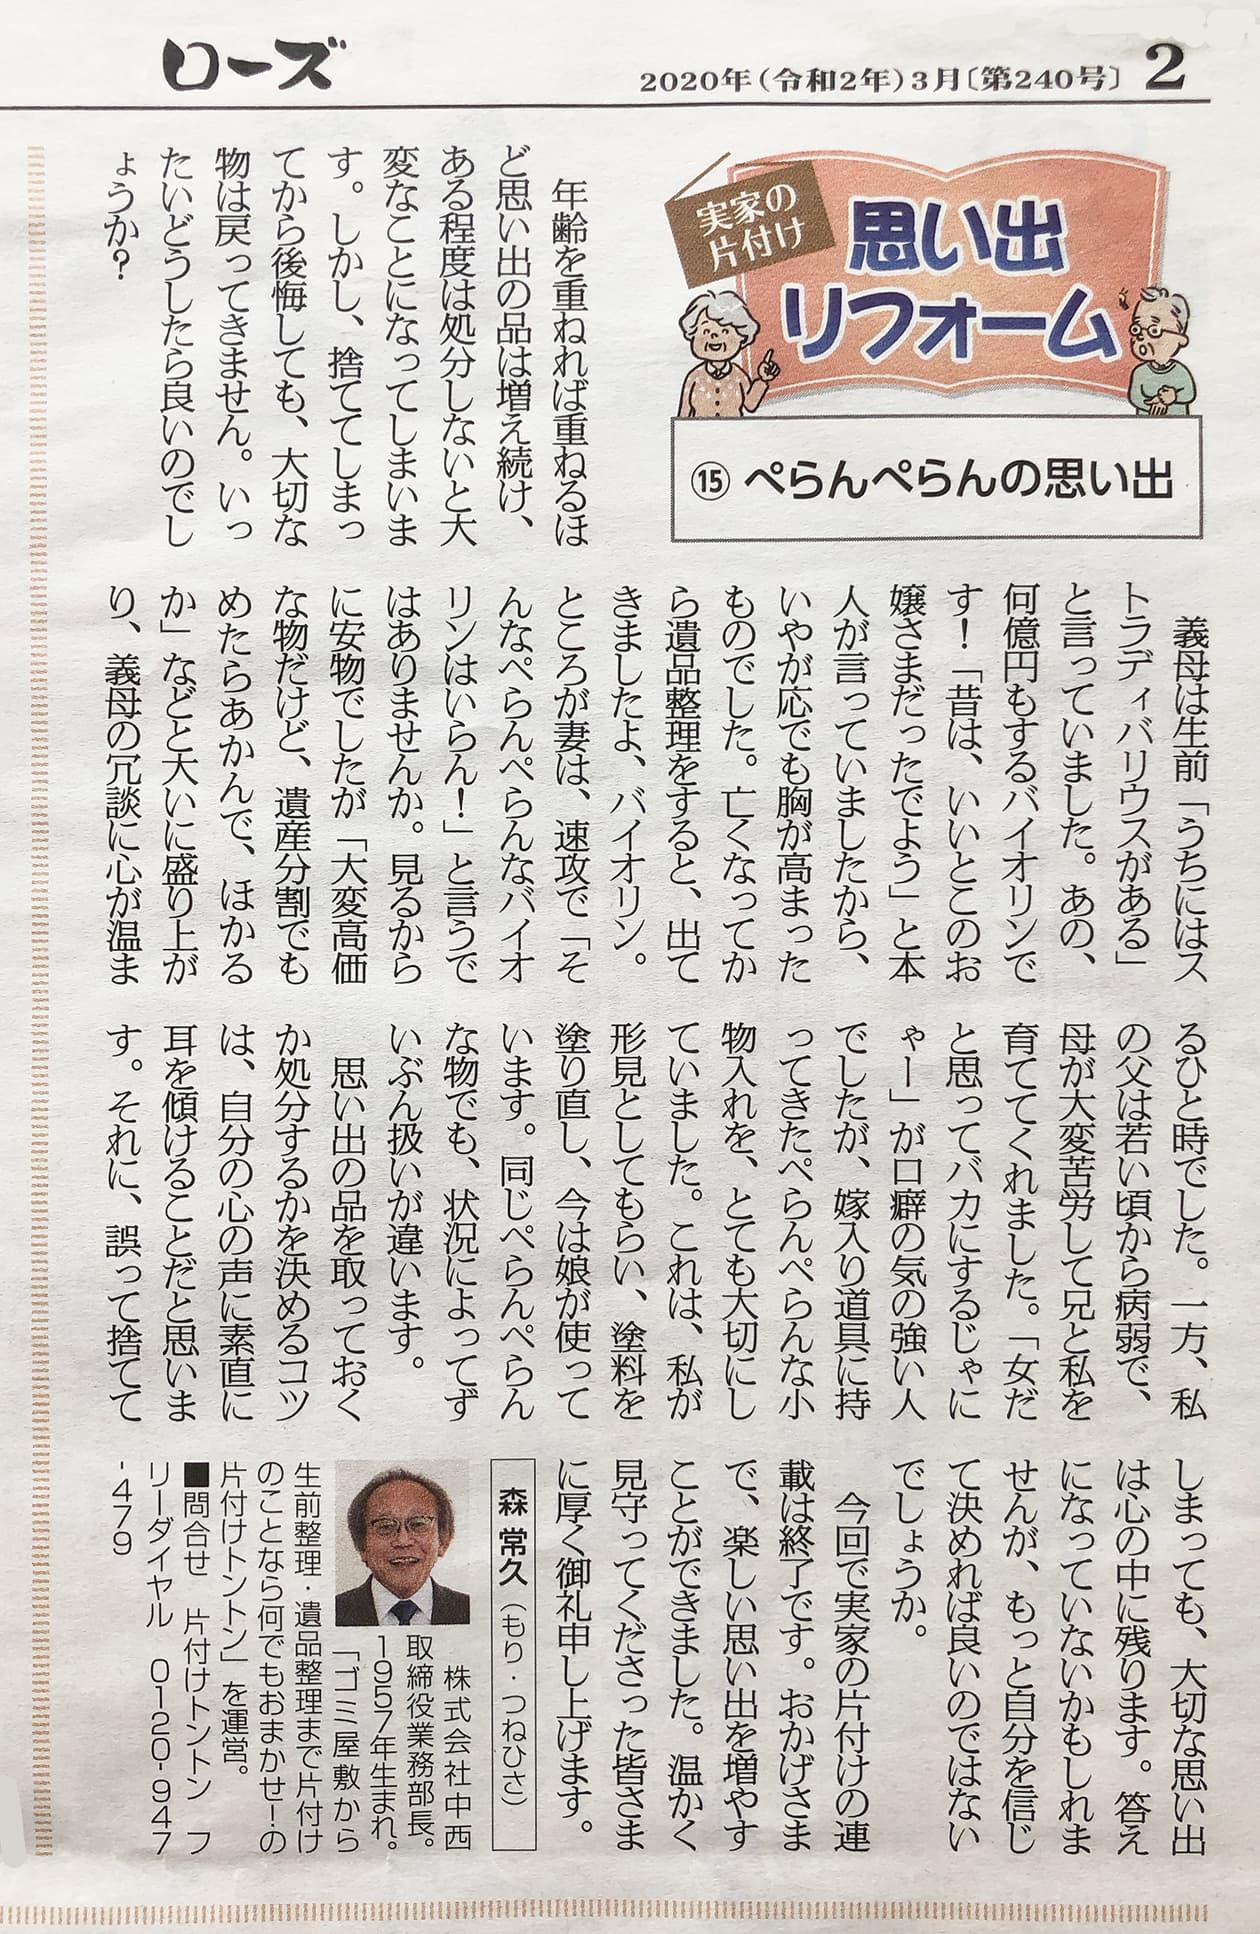 中日新聞朝刊折込 シニア情報紙『ローズ』2020年3月号の写真